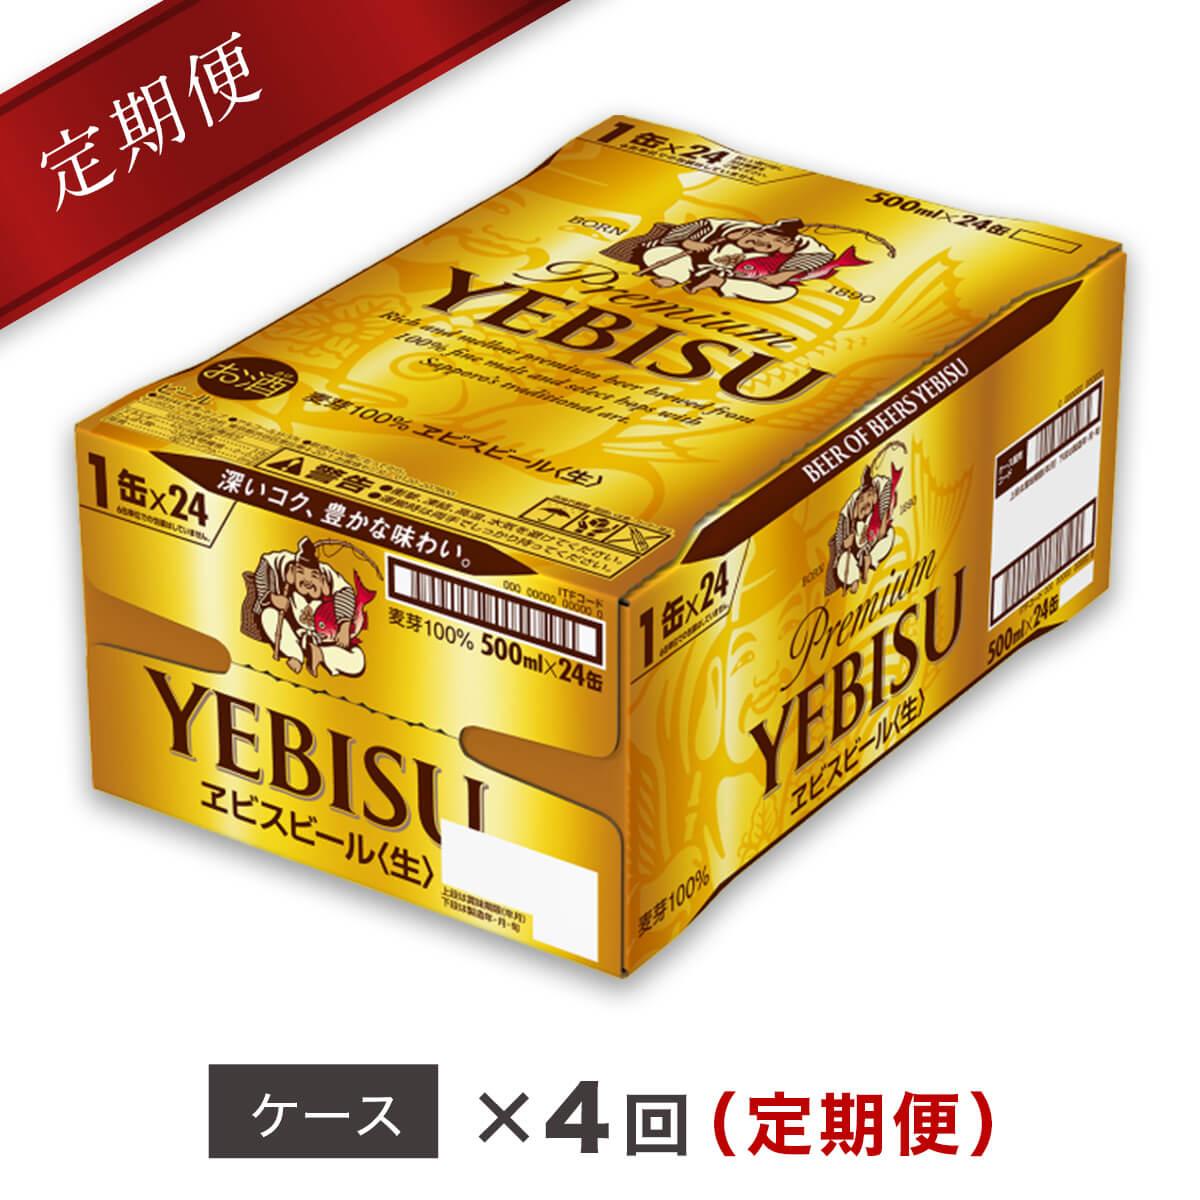 【ふるさと納税】ヱビスビール定期便 仙台工場産(500ml×24本入を4回お届け)